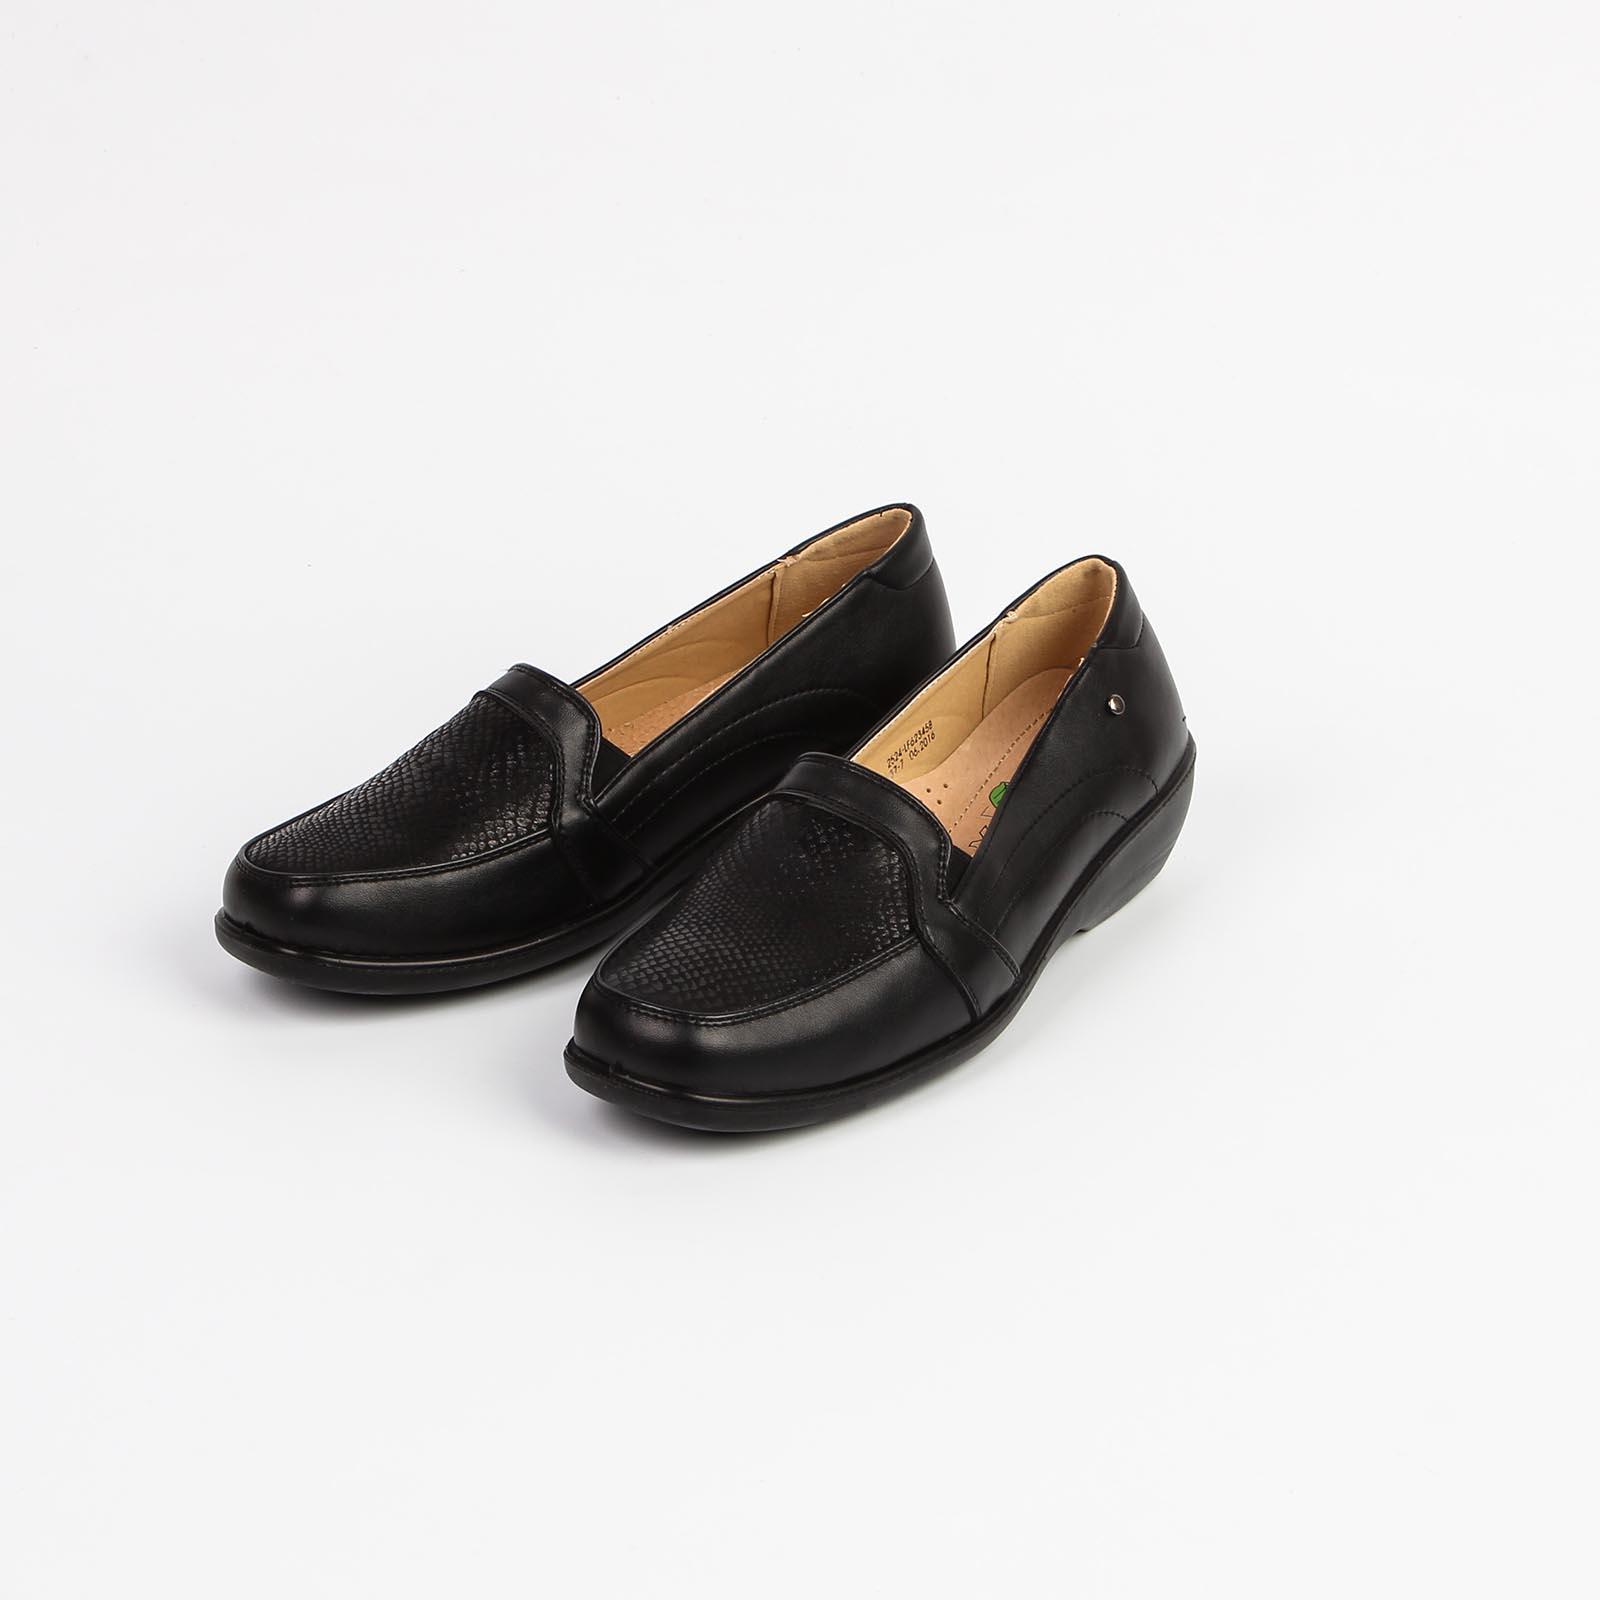 Туфли женские с декоративной строчкой по бокам